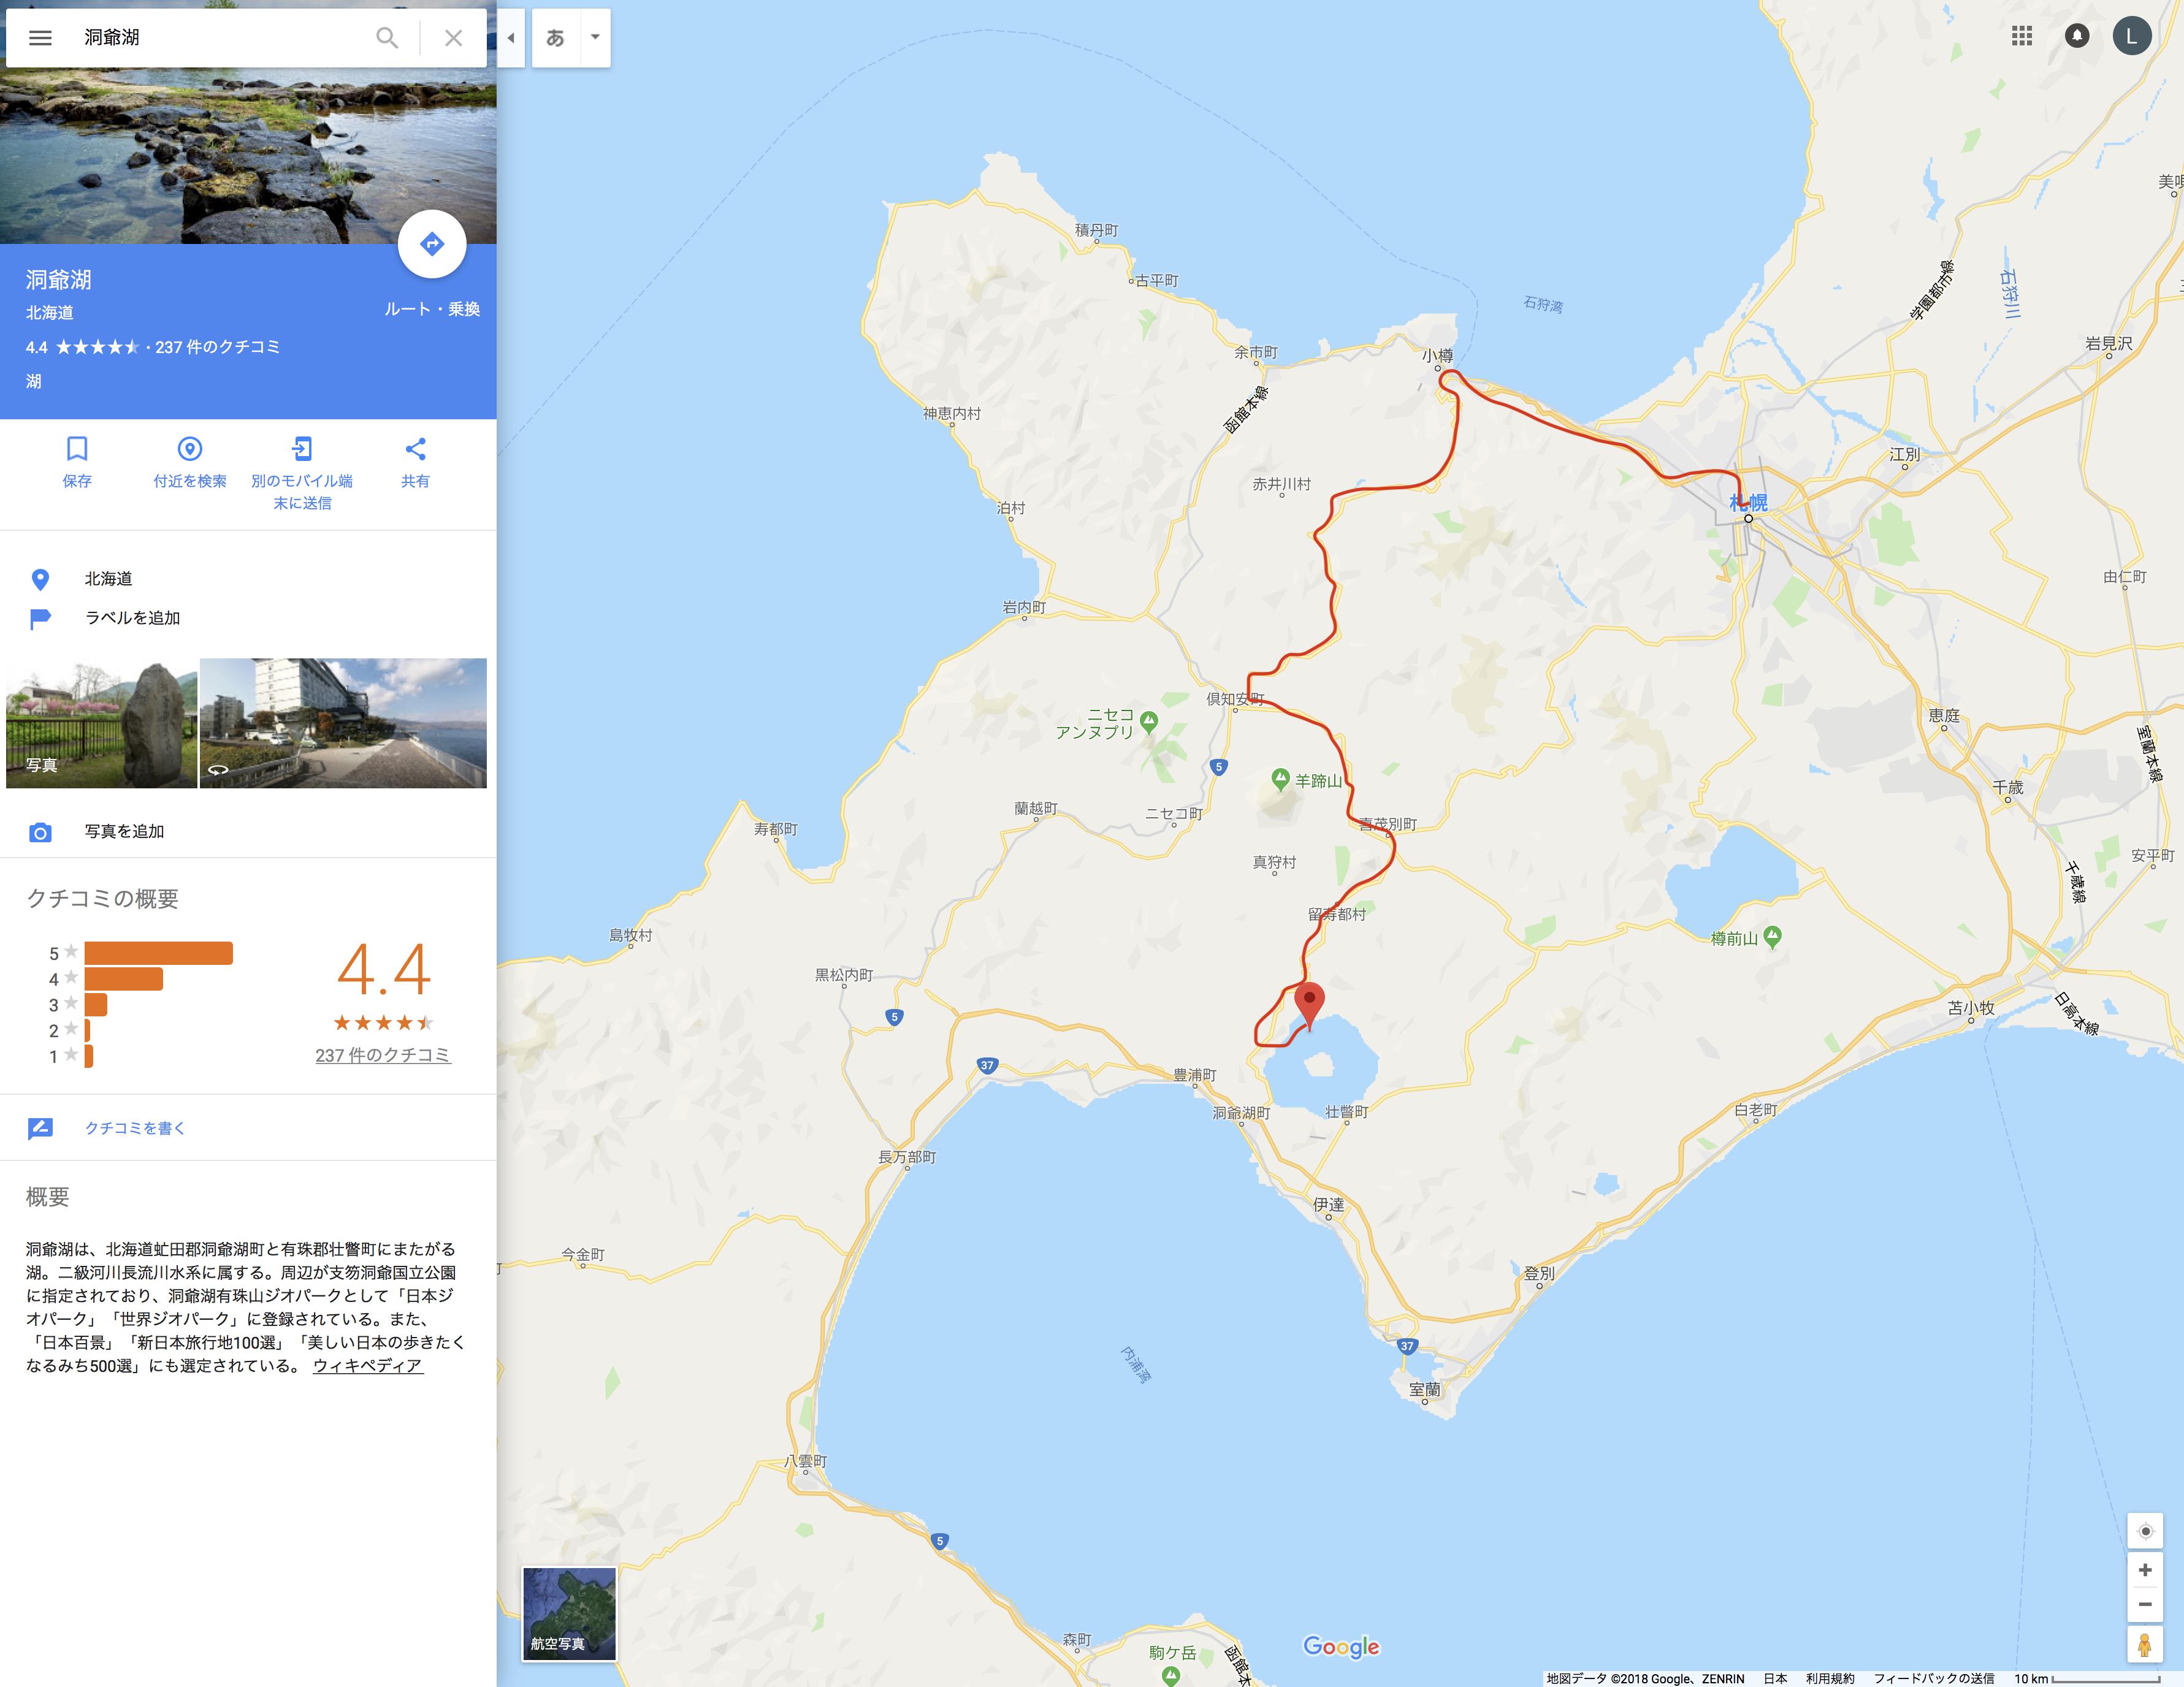 札幌から洞爺湖への地図